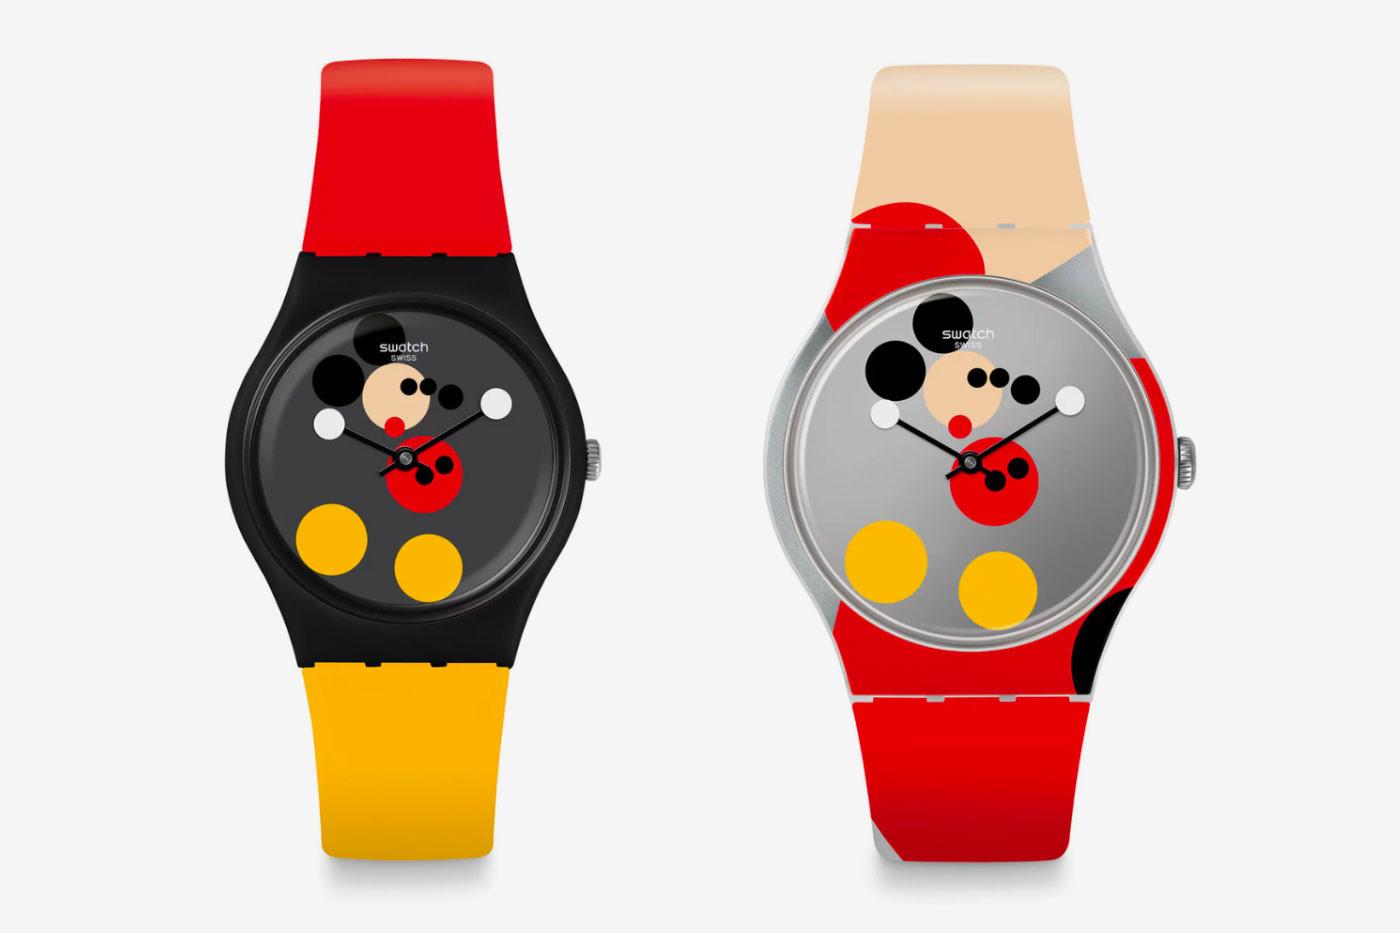 Дэмиен Херст и Swatch выпустили часы в честь юбилея Микки Мауса (галерея 3, фото 1)